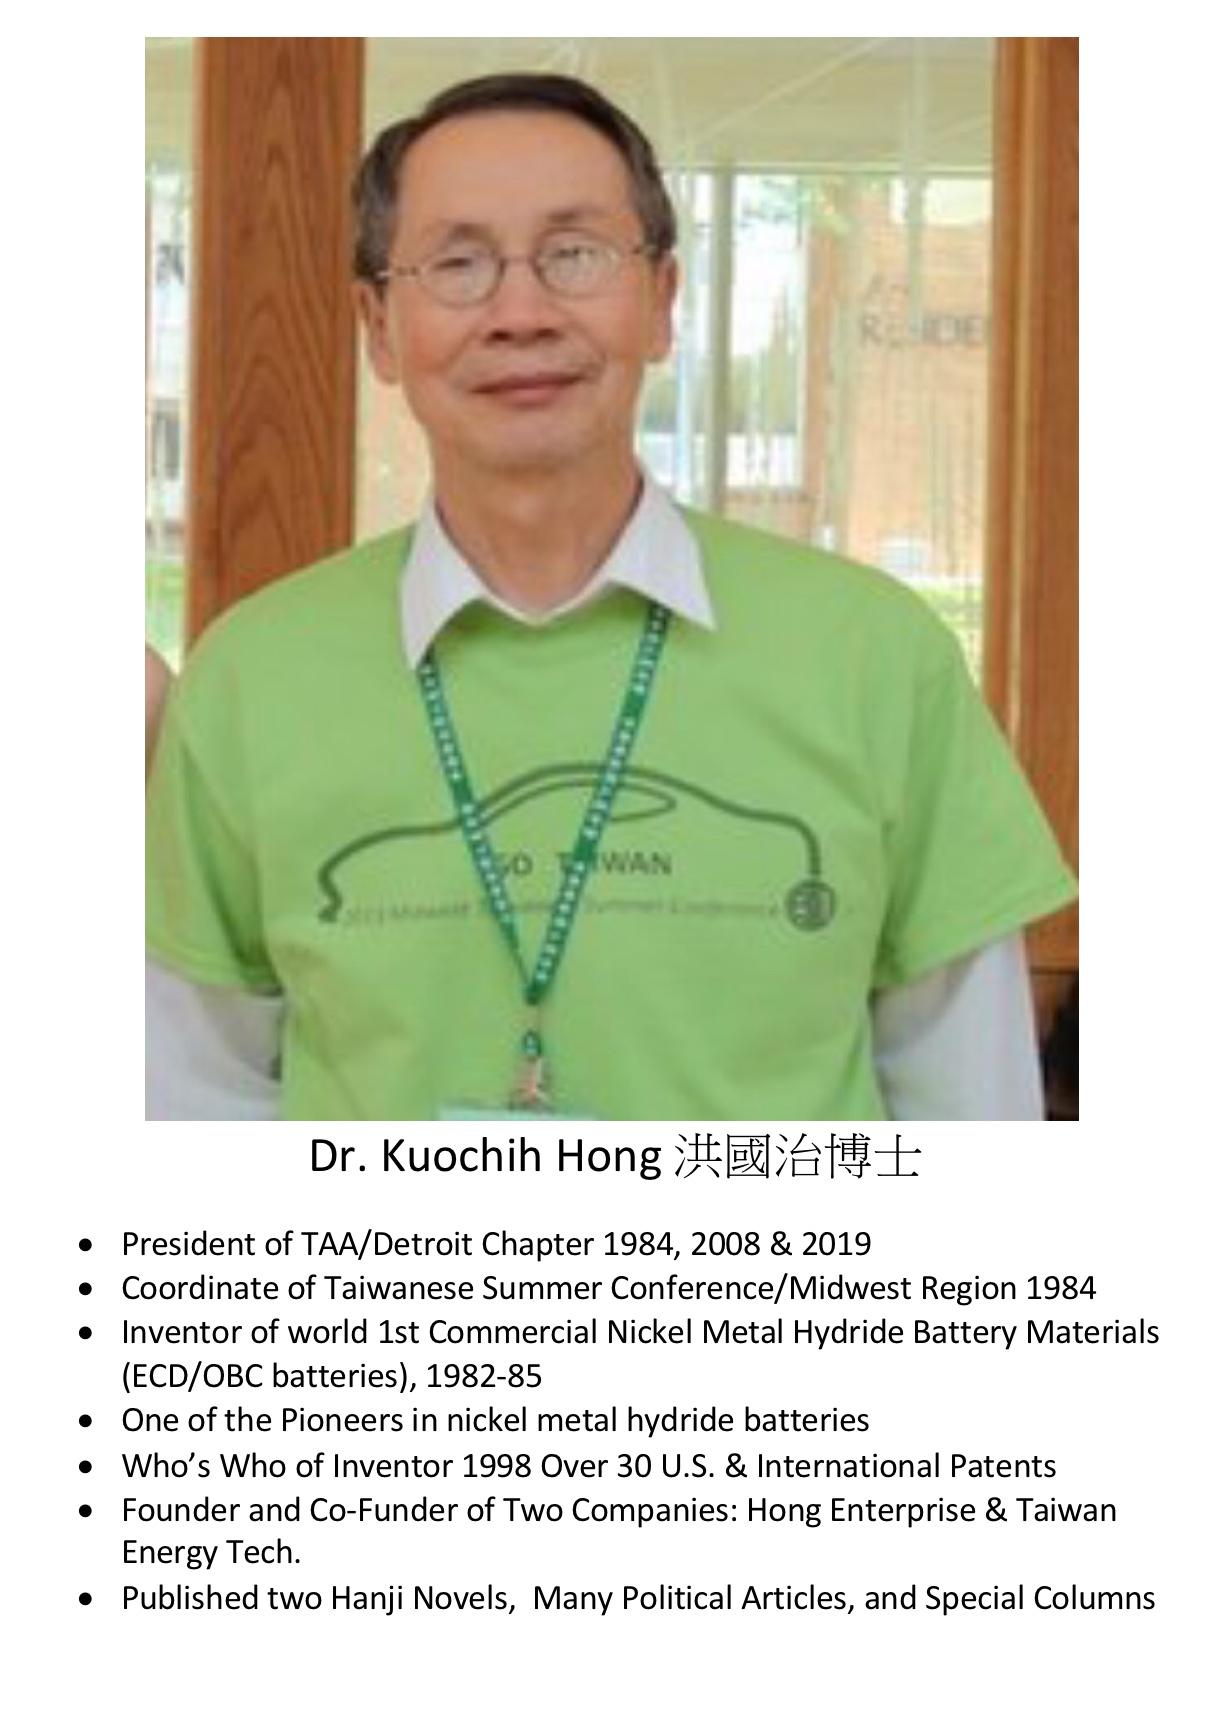 258. Dr. Kuochih Hong 洪國治博士